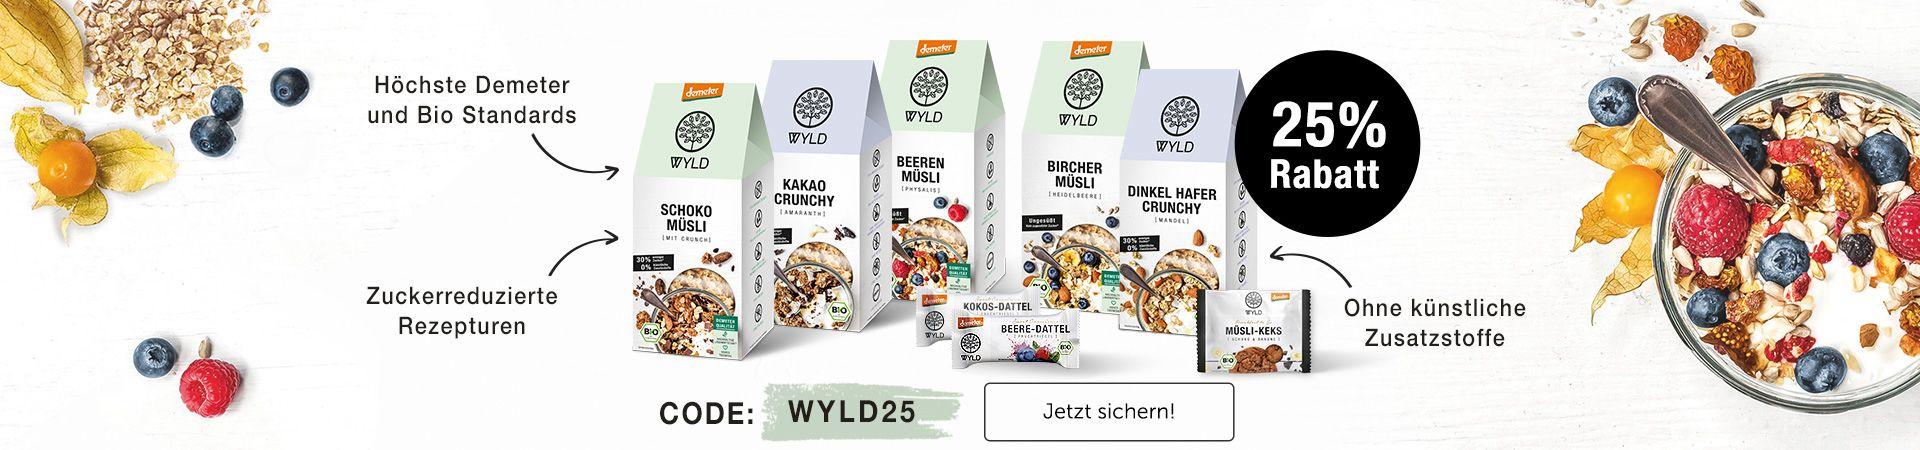 Hol dir jetzt ganze 25% Rabatt auf unser WYLD Sortiment: Natürlich lecker in Bio- und Demeterqualität!